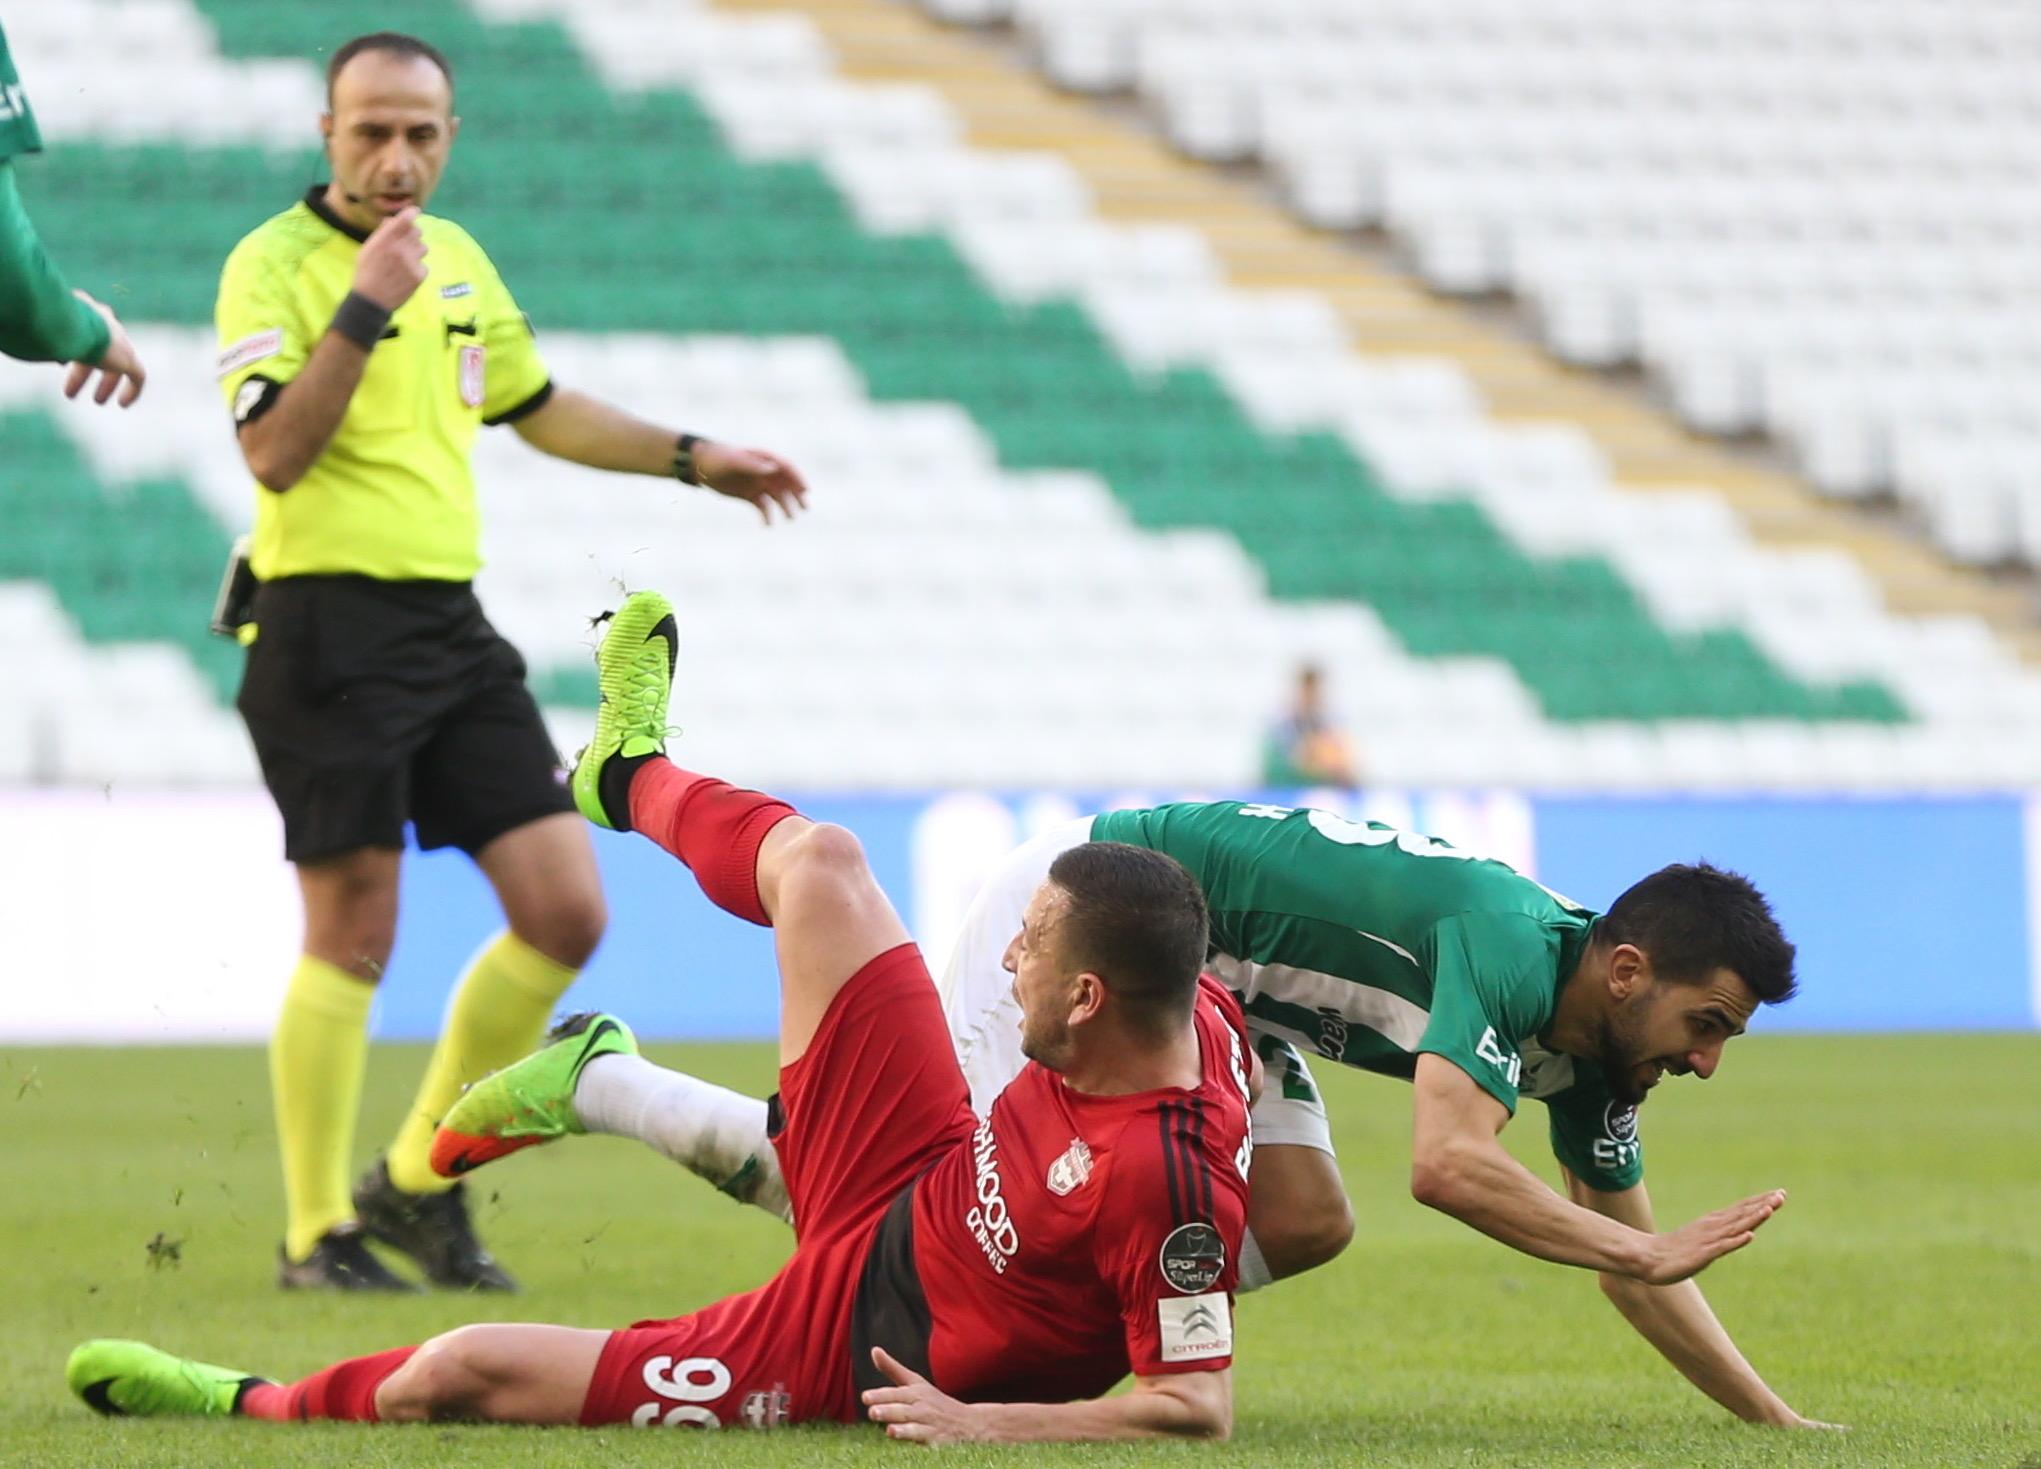 Bursaspor - Gaziantepspor maçında tartışmalı anlar